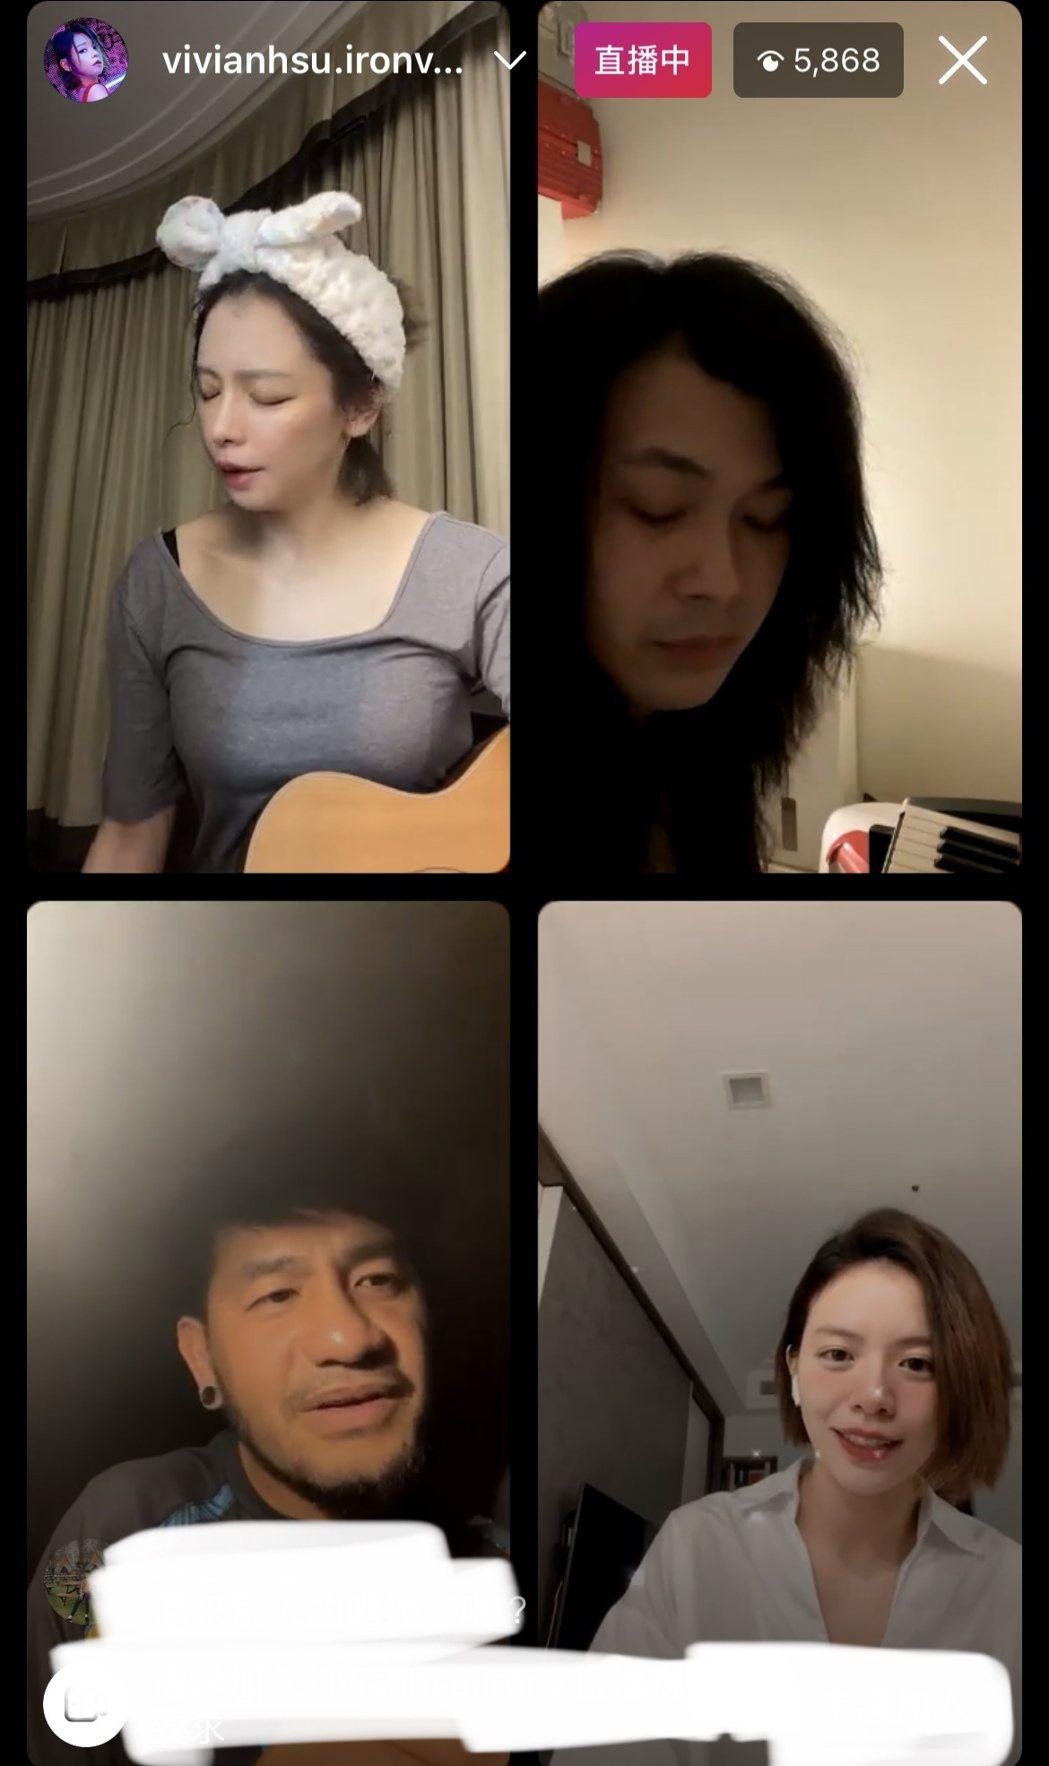 金曲歌王張震嶽(左下)今凌晨與好友徐若瑄(左上)直播唱歌,被鄰居檢舉只能「封麥」